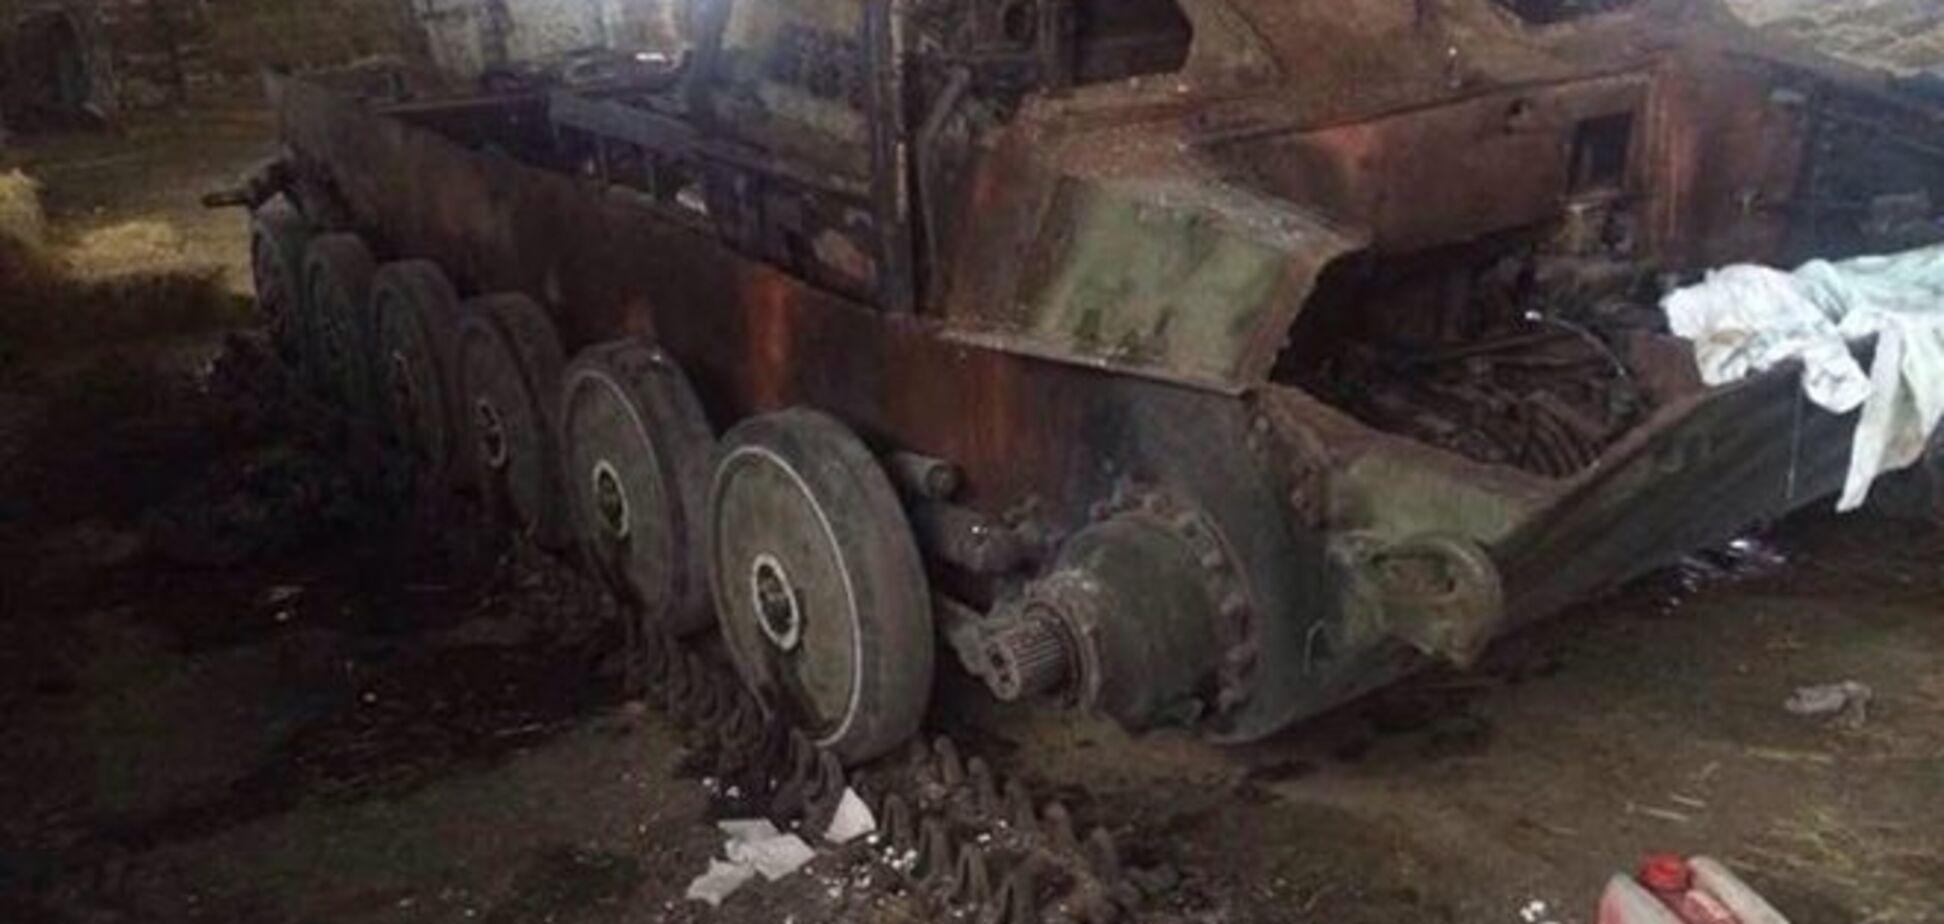 Украинские партизаны взорвали склад 'ДНР' в Донецке